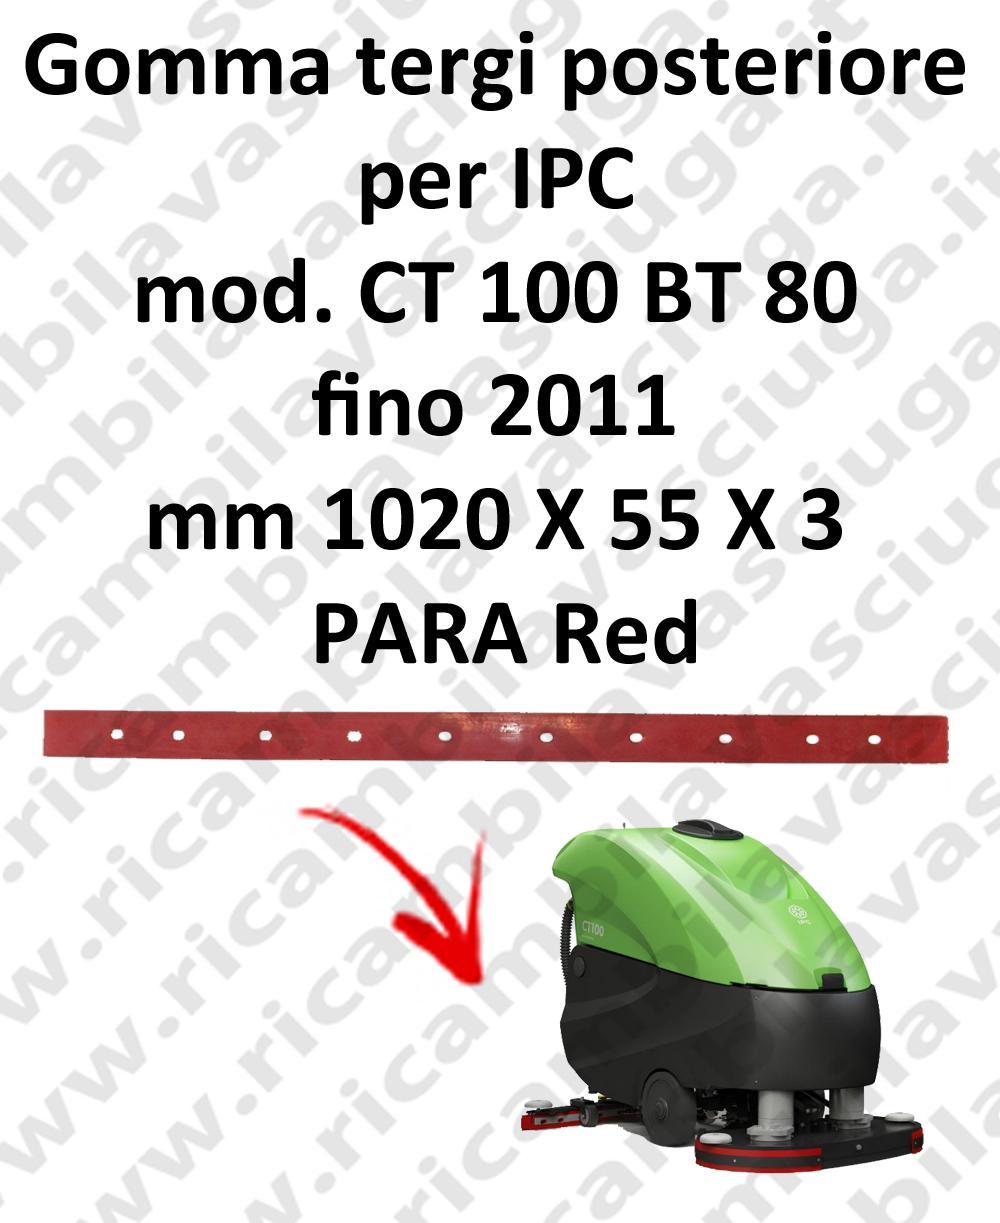 CT 100 BT 80 jusqu'a 2011 BAVETTE ARRIERE pour IPC